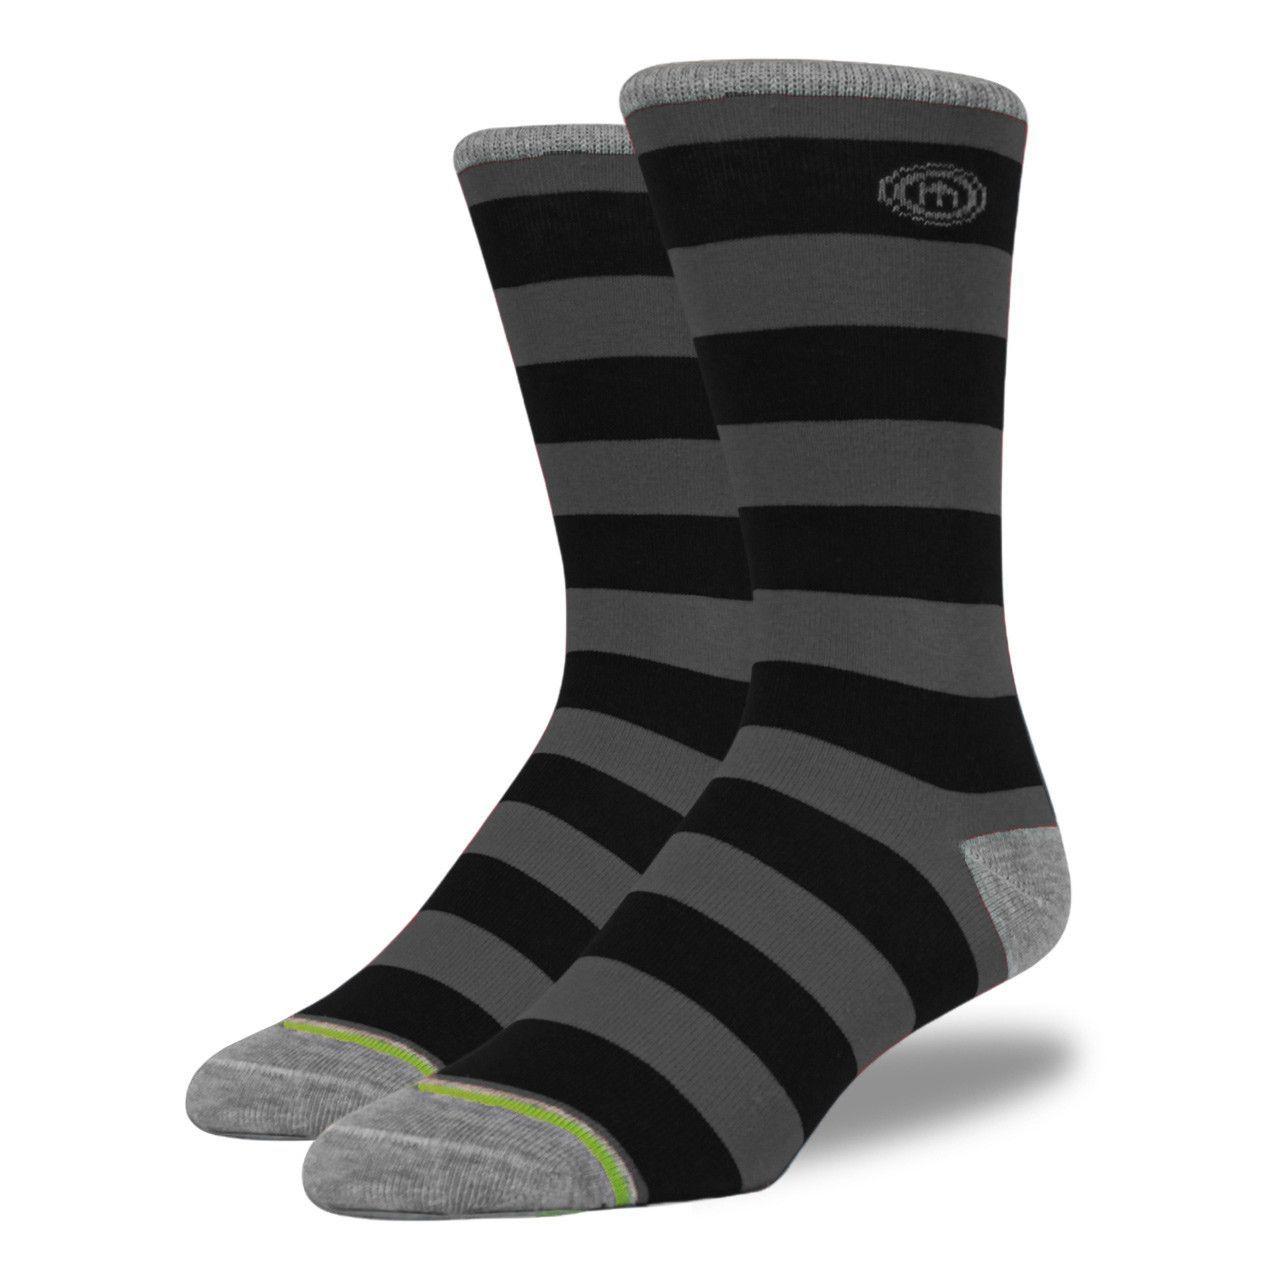 Black & Gray Striped Socks